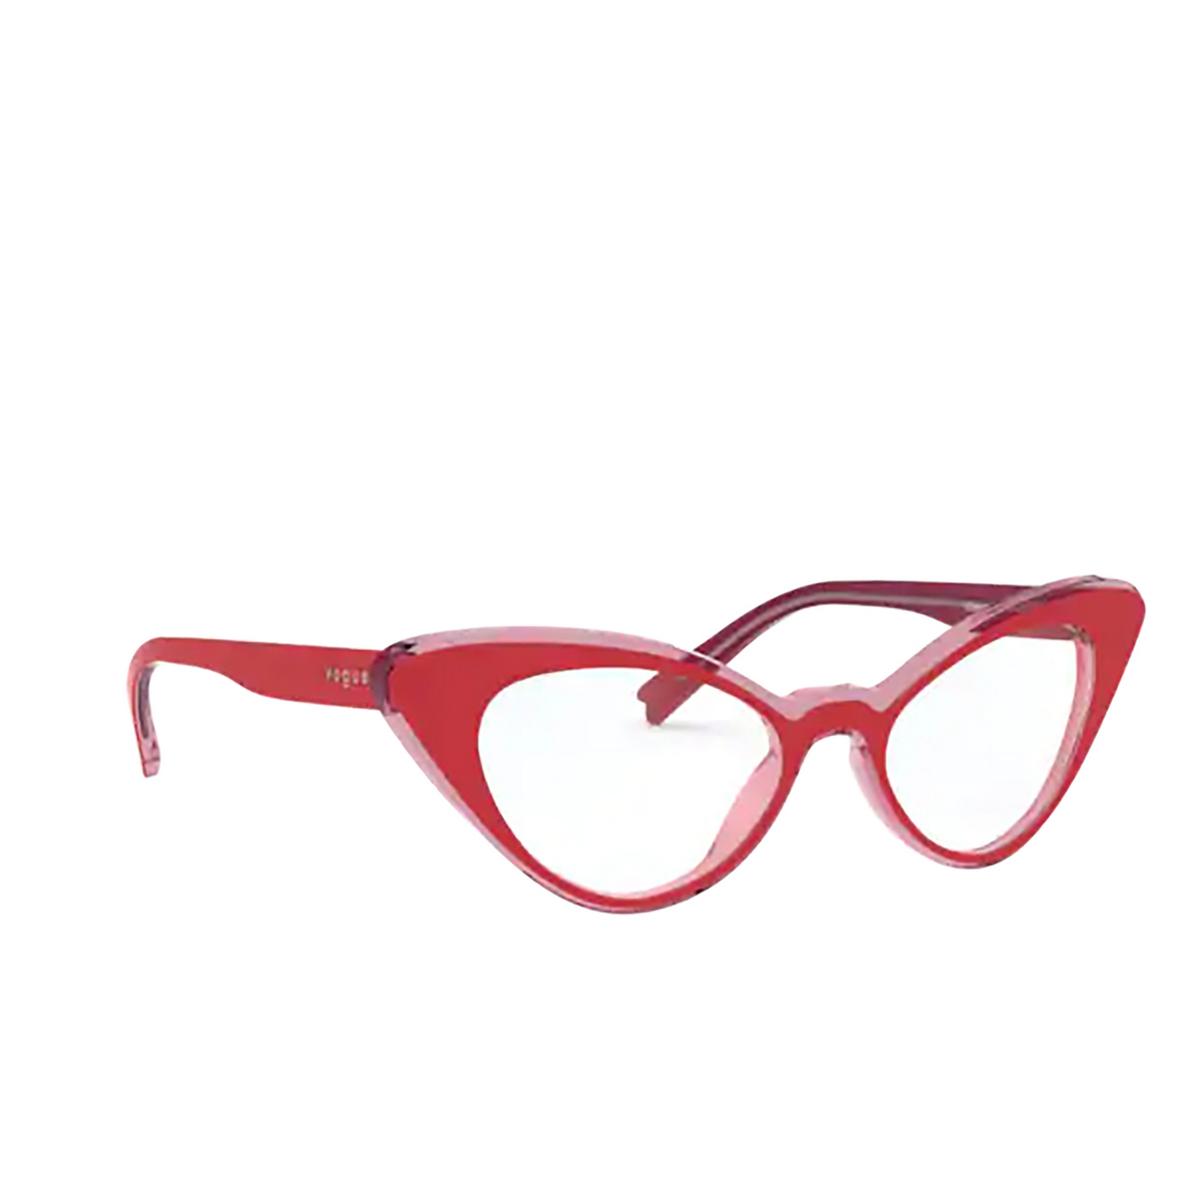 Vogue® Cat-eye Eyeglasses: VO5317 color Top Red / Pink Transparent 2811.